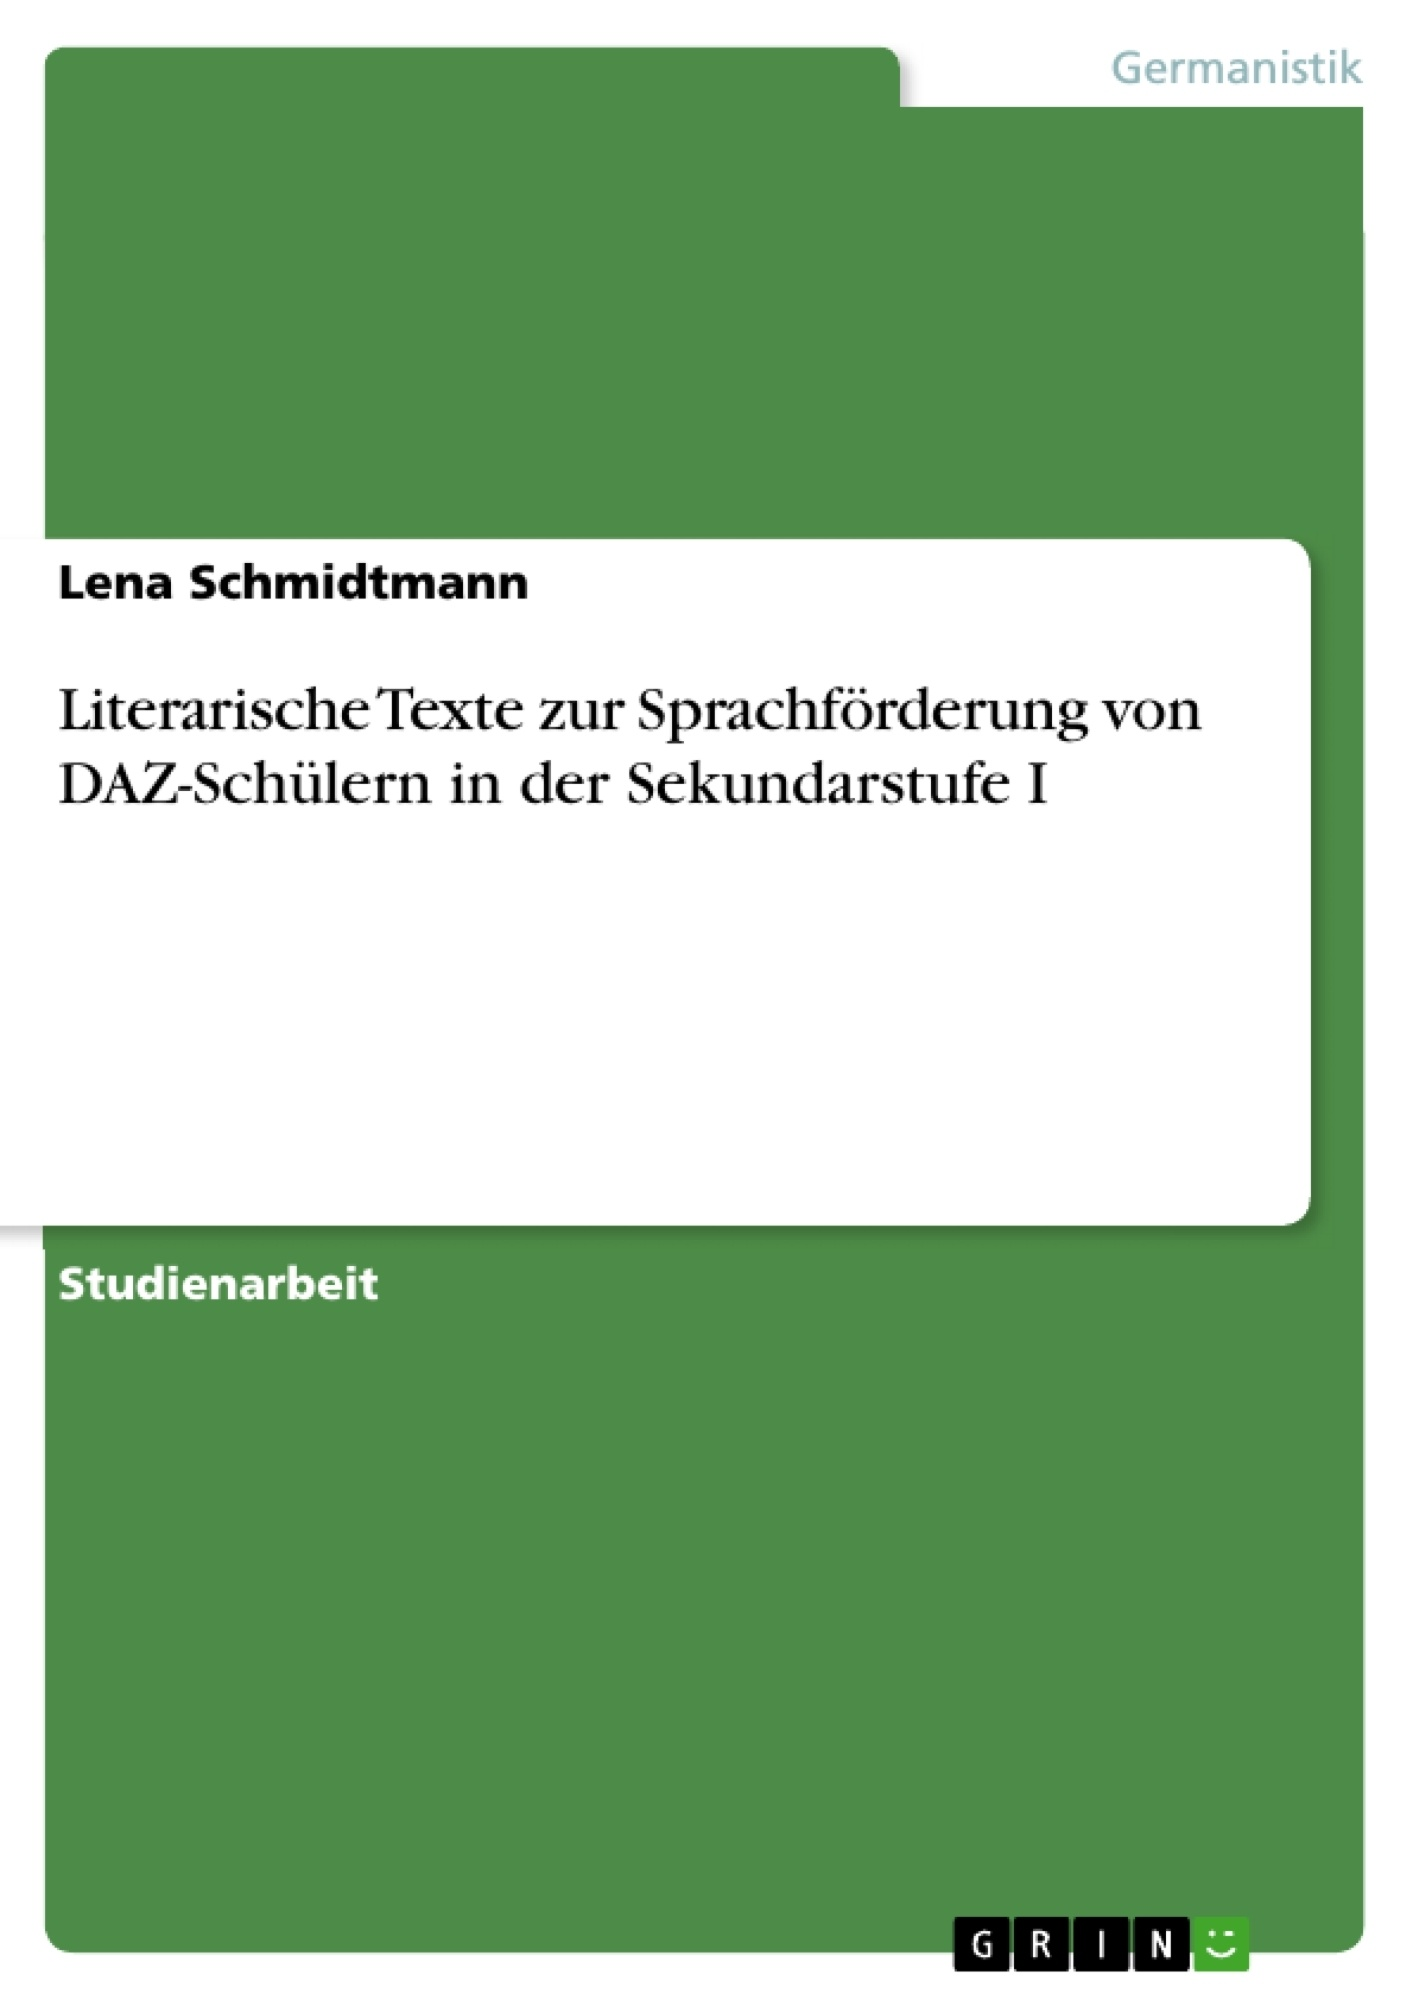 Titel: Literarische Texte zur Sprachförderung von DAZ-Schülern in der Sekundarstufe I